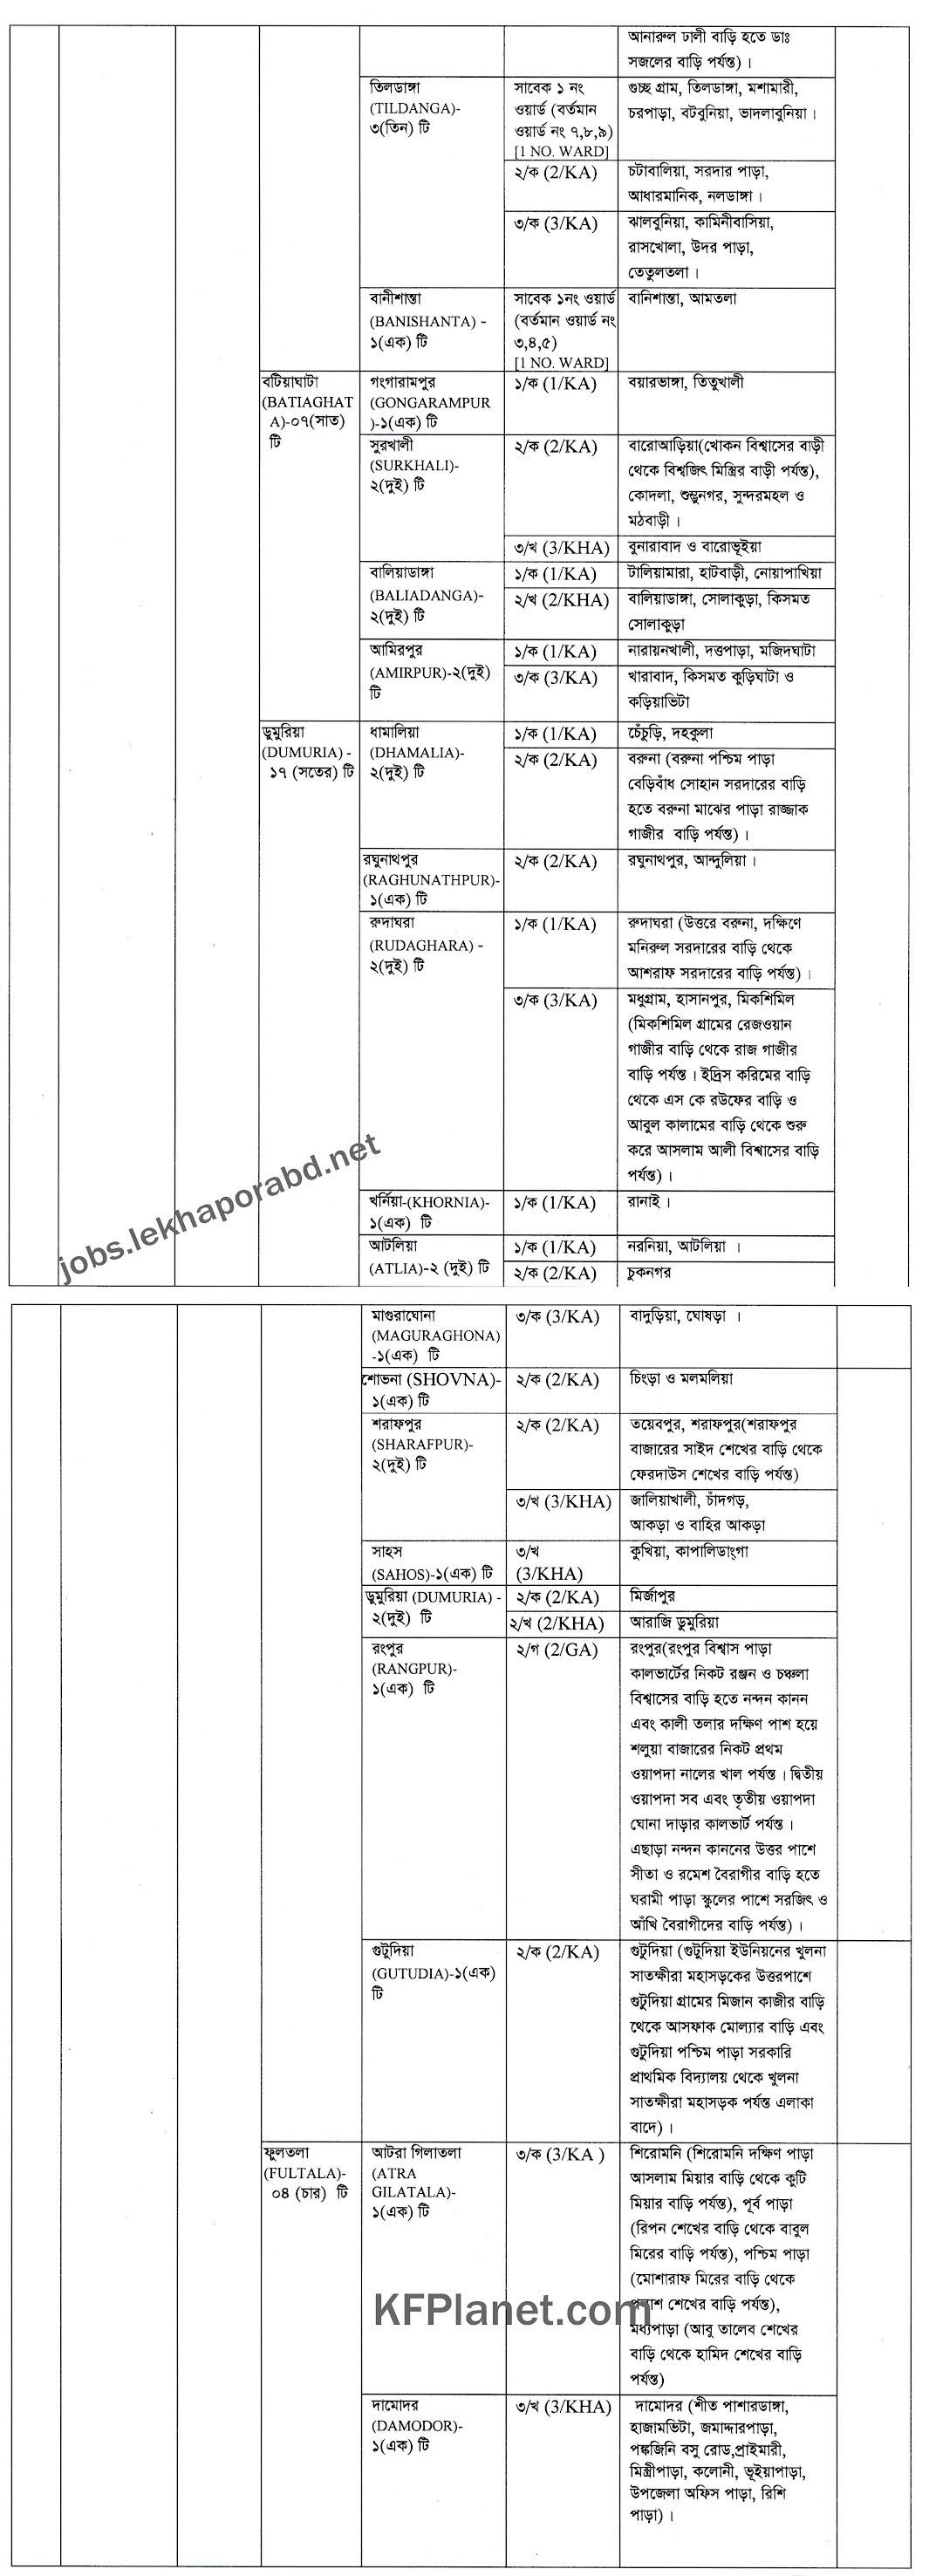 বয়রা উপজেলা, খুলনা পরিবার পরিকল্পনা নিয়োগ বিজ্ঞপ্তি ২০২১ - Boyra Upazila, Khulna poribar porikolpona job circular 2021 - poribar porikolpona job circular 2021